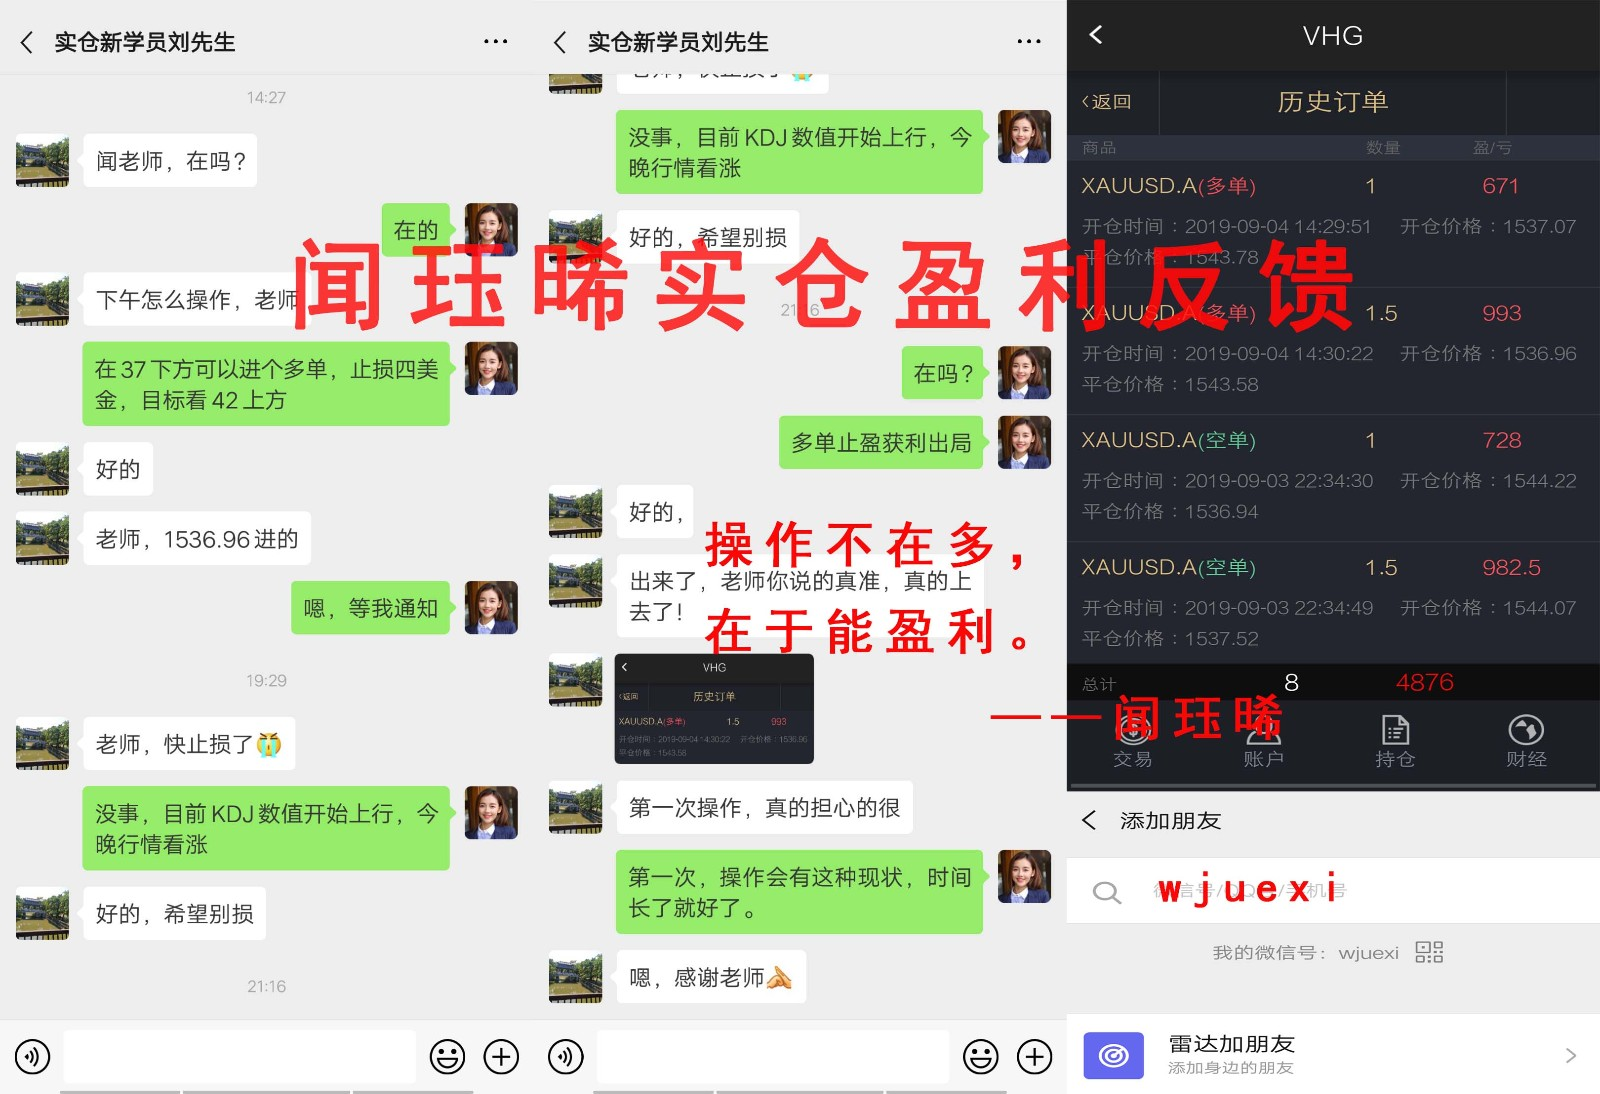 黄金盈利wjuexi微信.jpg